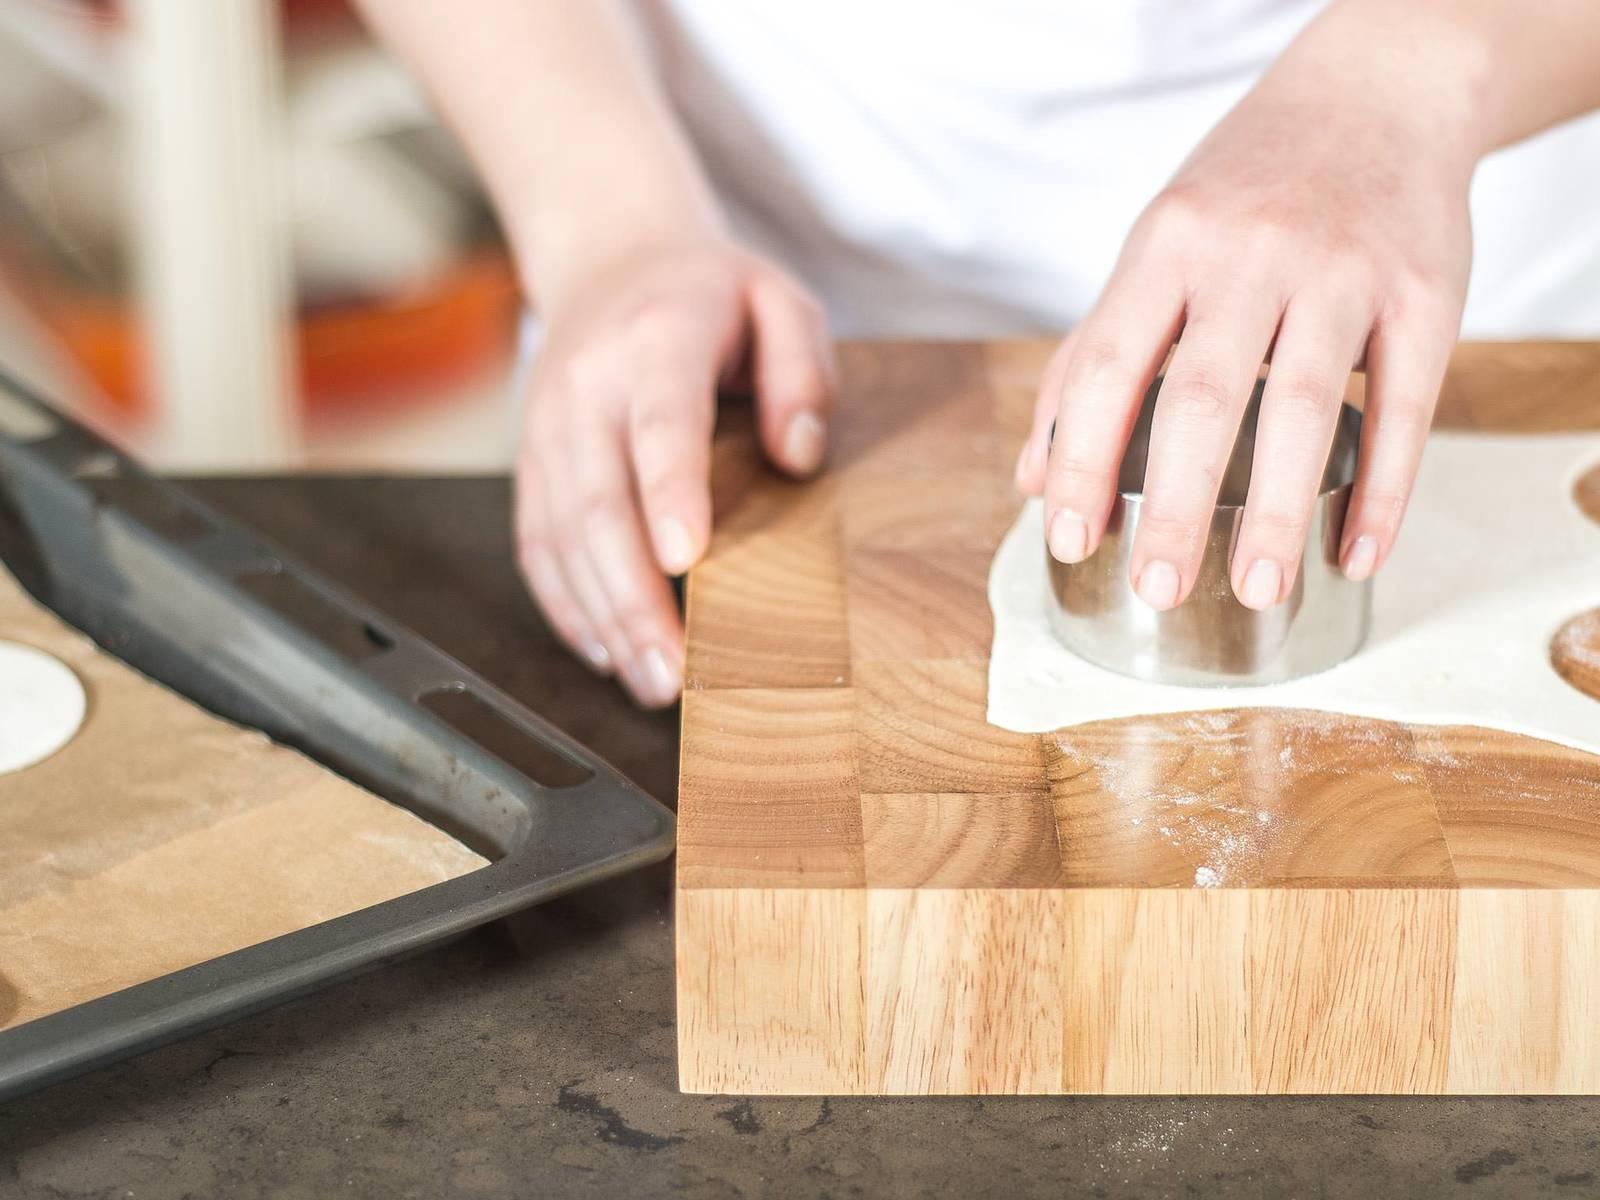 将烤箱预热至175摄氏度。千层酥面皮解冻后用圆型刀切成8个圆形面皮。放在铺有烘焙纸的烤盘上,在预热好的烤箱中烘烤7-8分钟,至面皮焦黄。